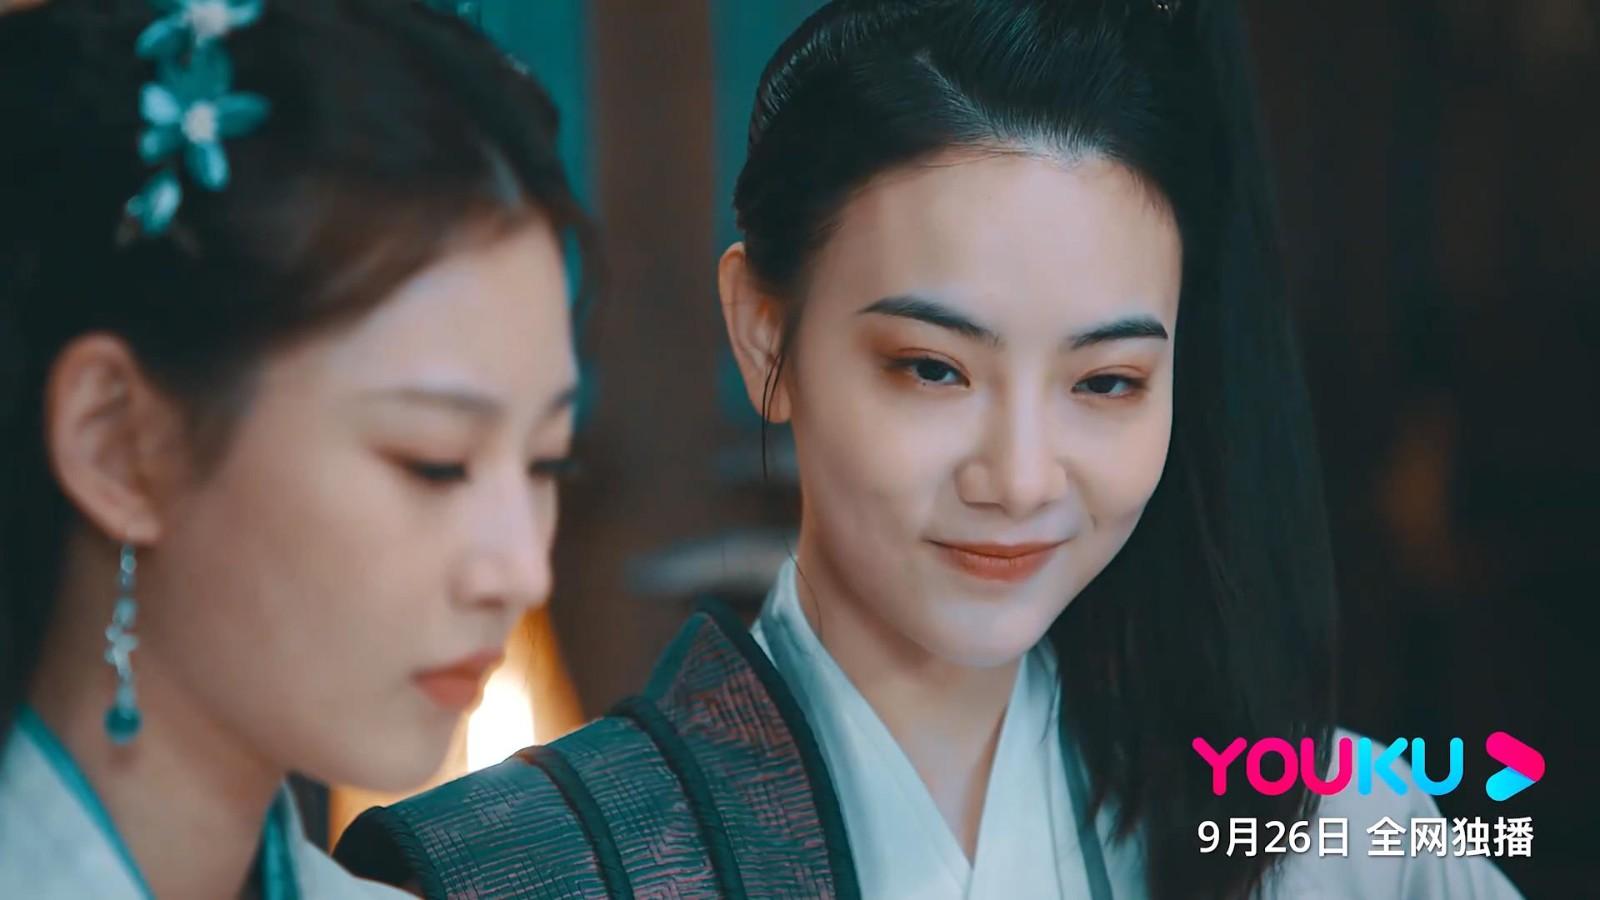 2021新版《仙剑客栈》网剧定档9.26 逍遥哥又来啦